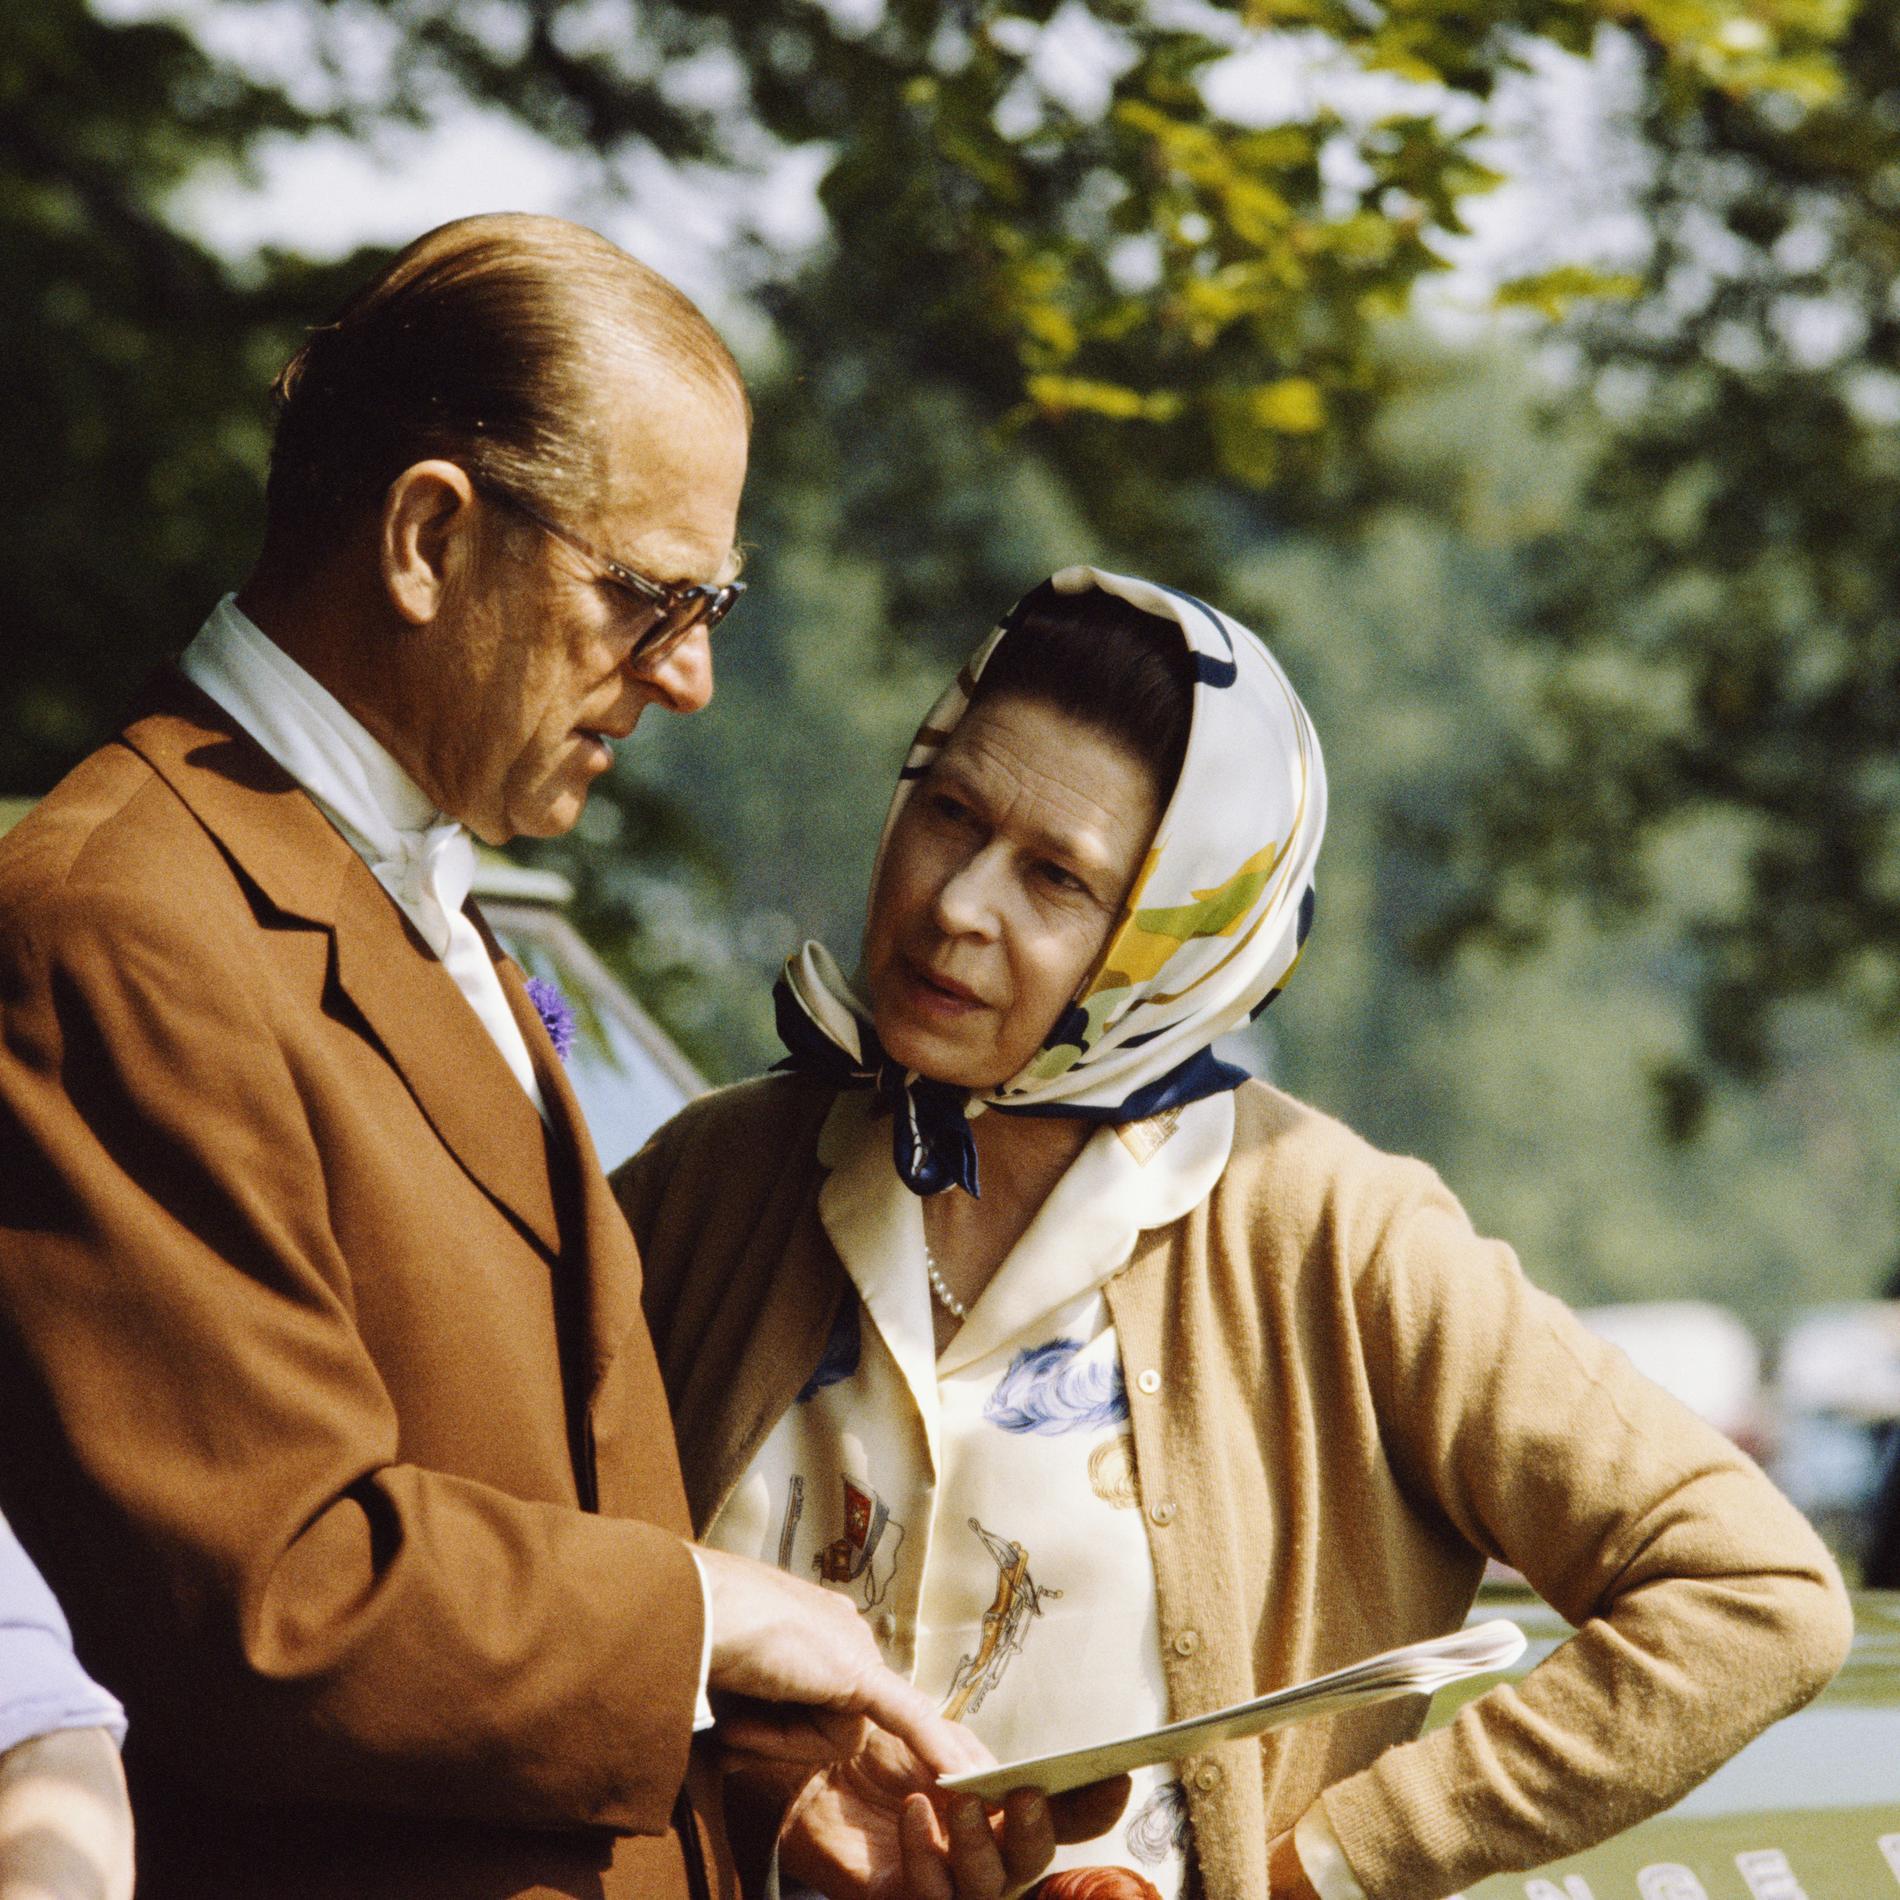 Le prince Philip, une vie dans l'ombre de la reine d'Angleterre